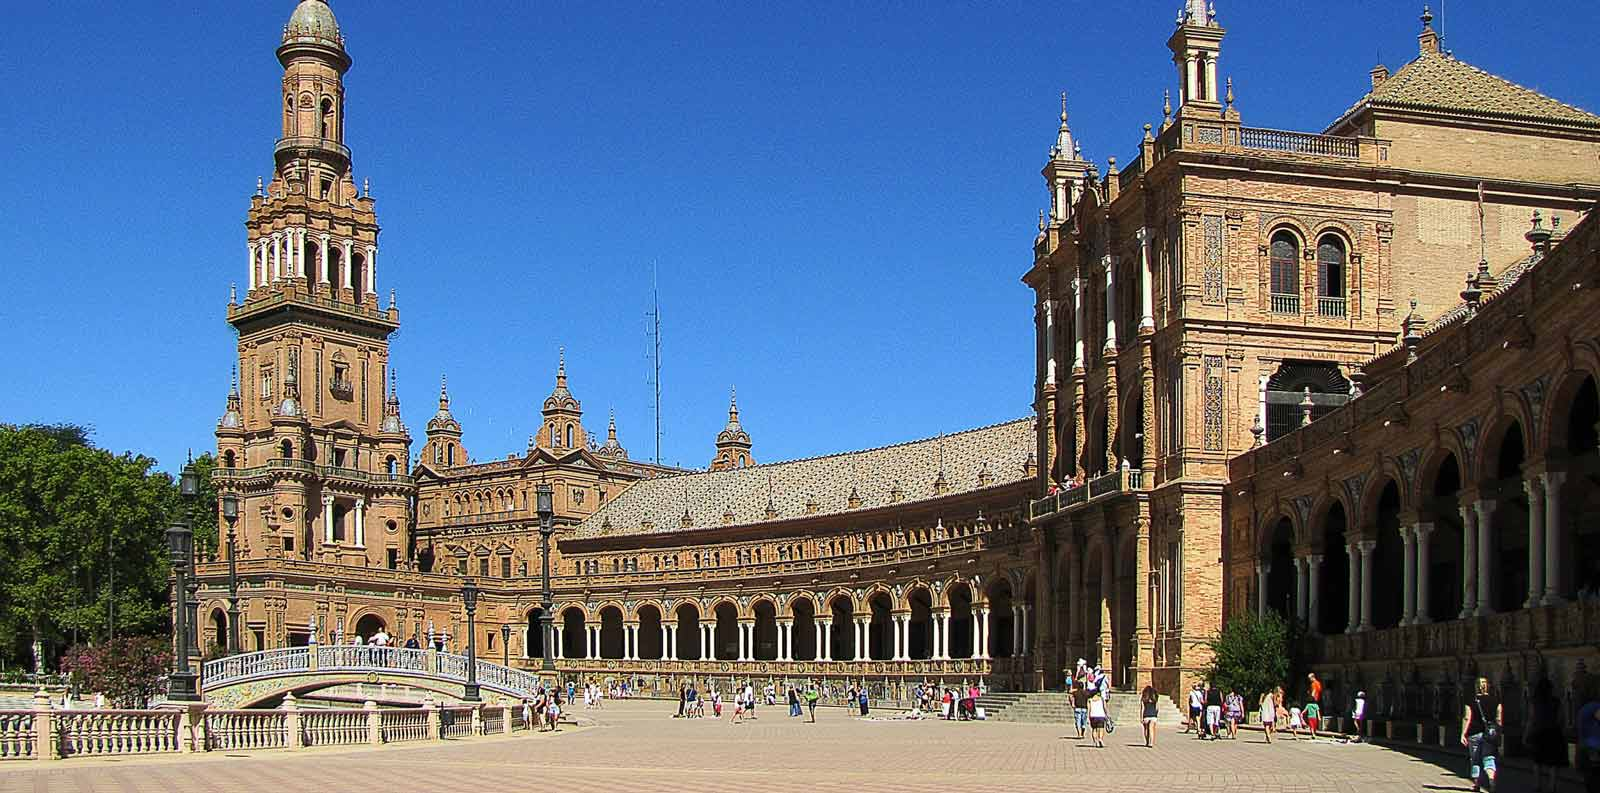 Visita guiada por Plaza de España y Parque de María Luisa